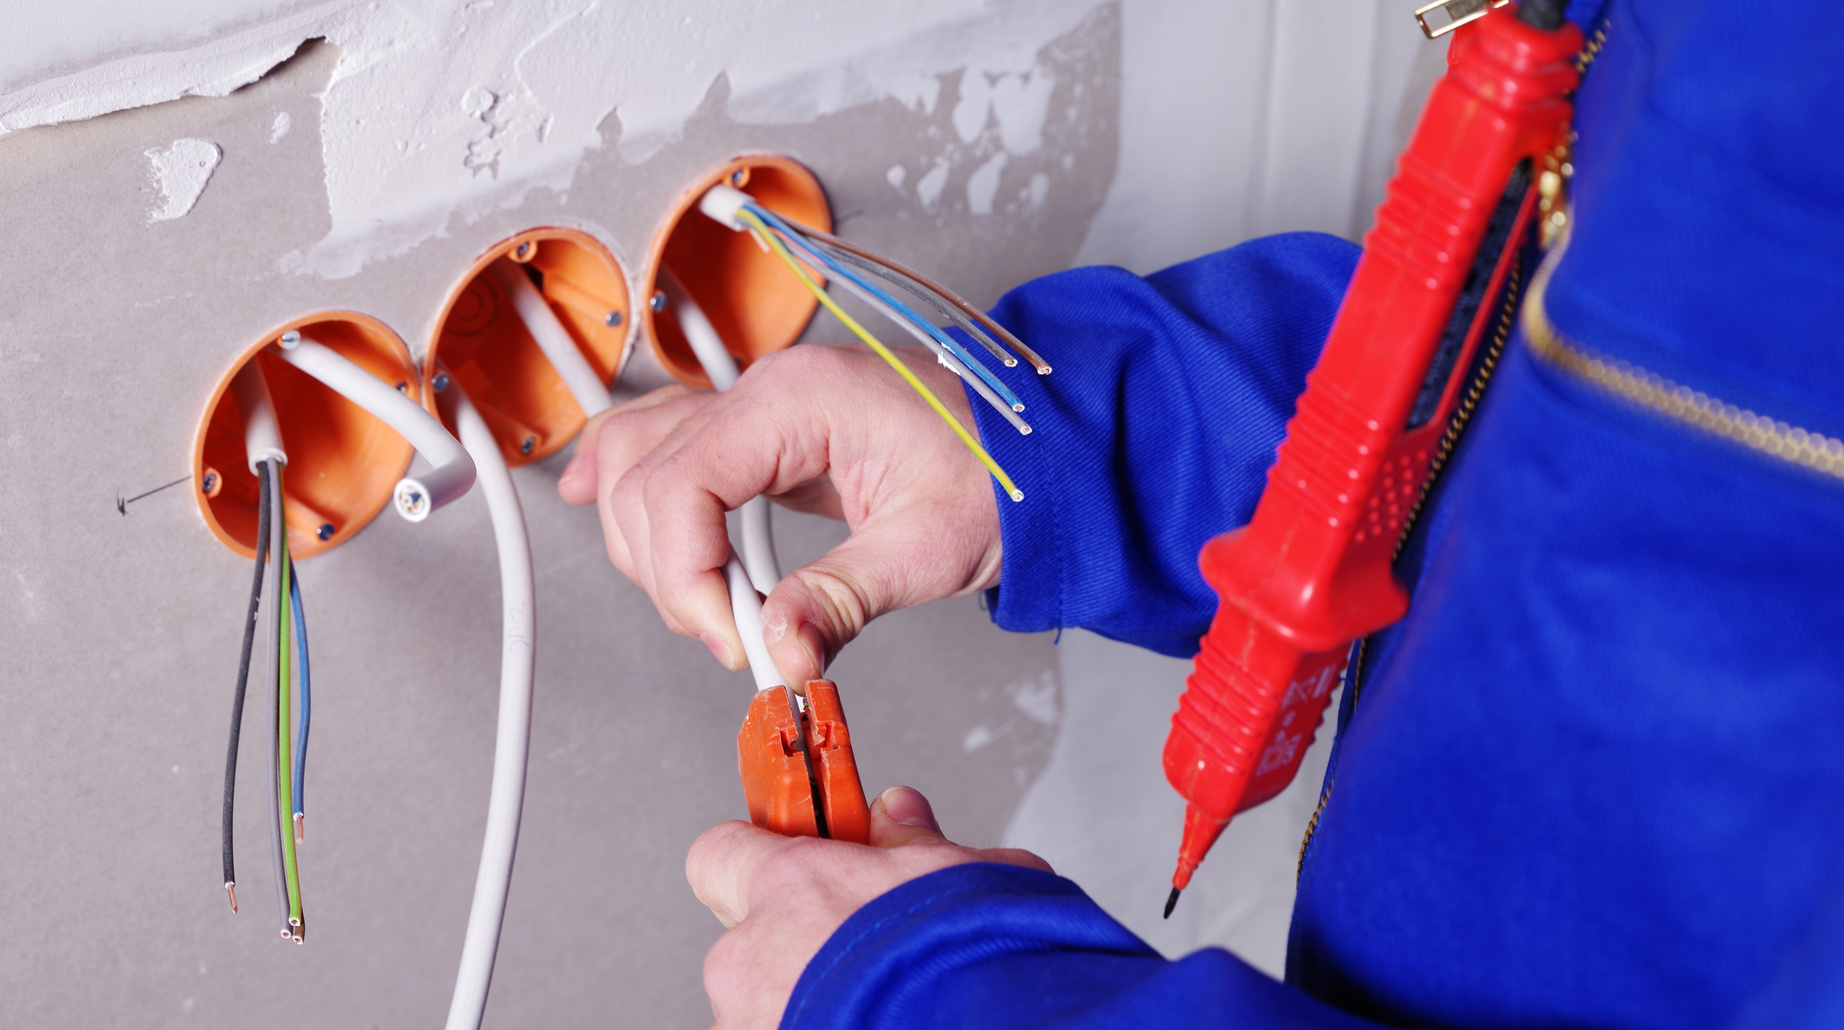 Elektriker isoliert Kabel aus Steckdose ab und repariert